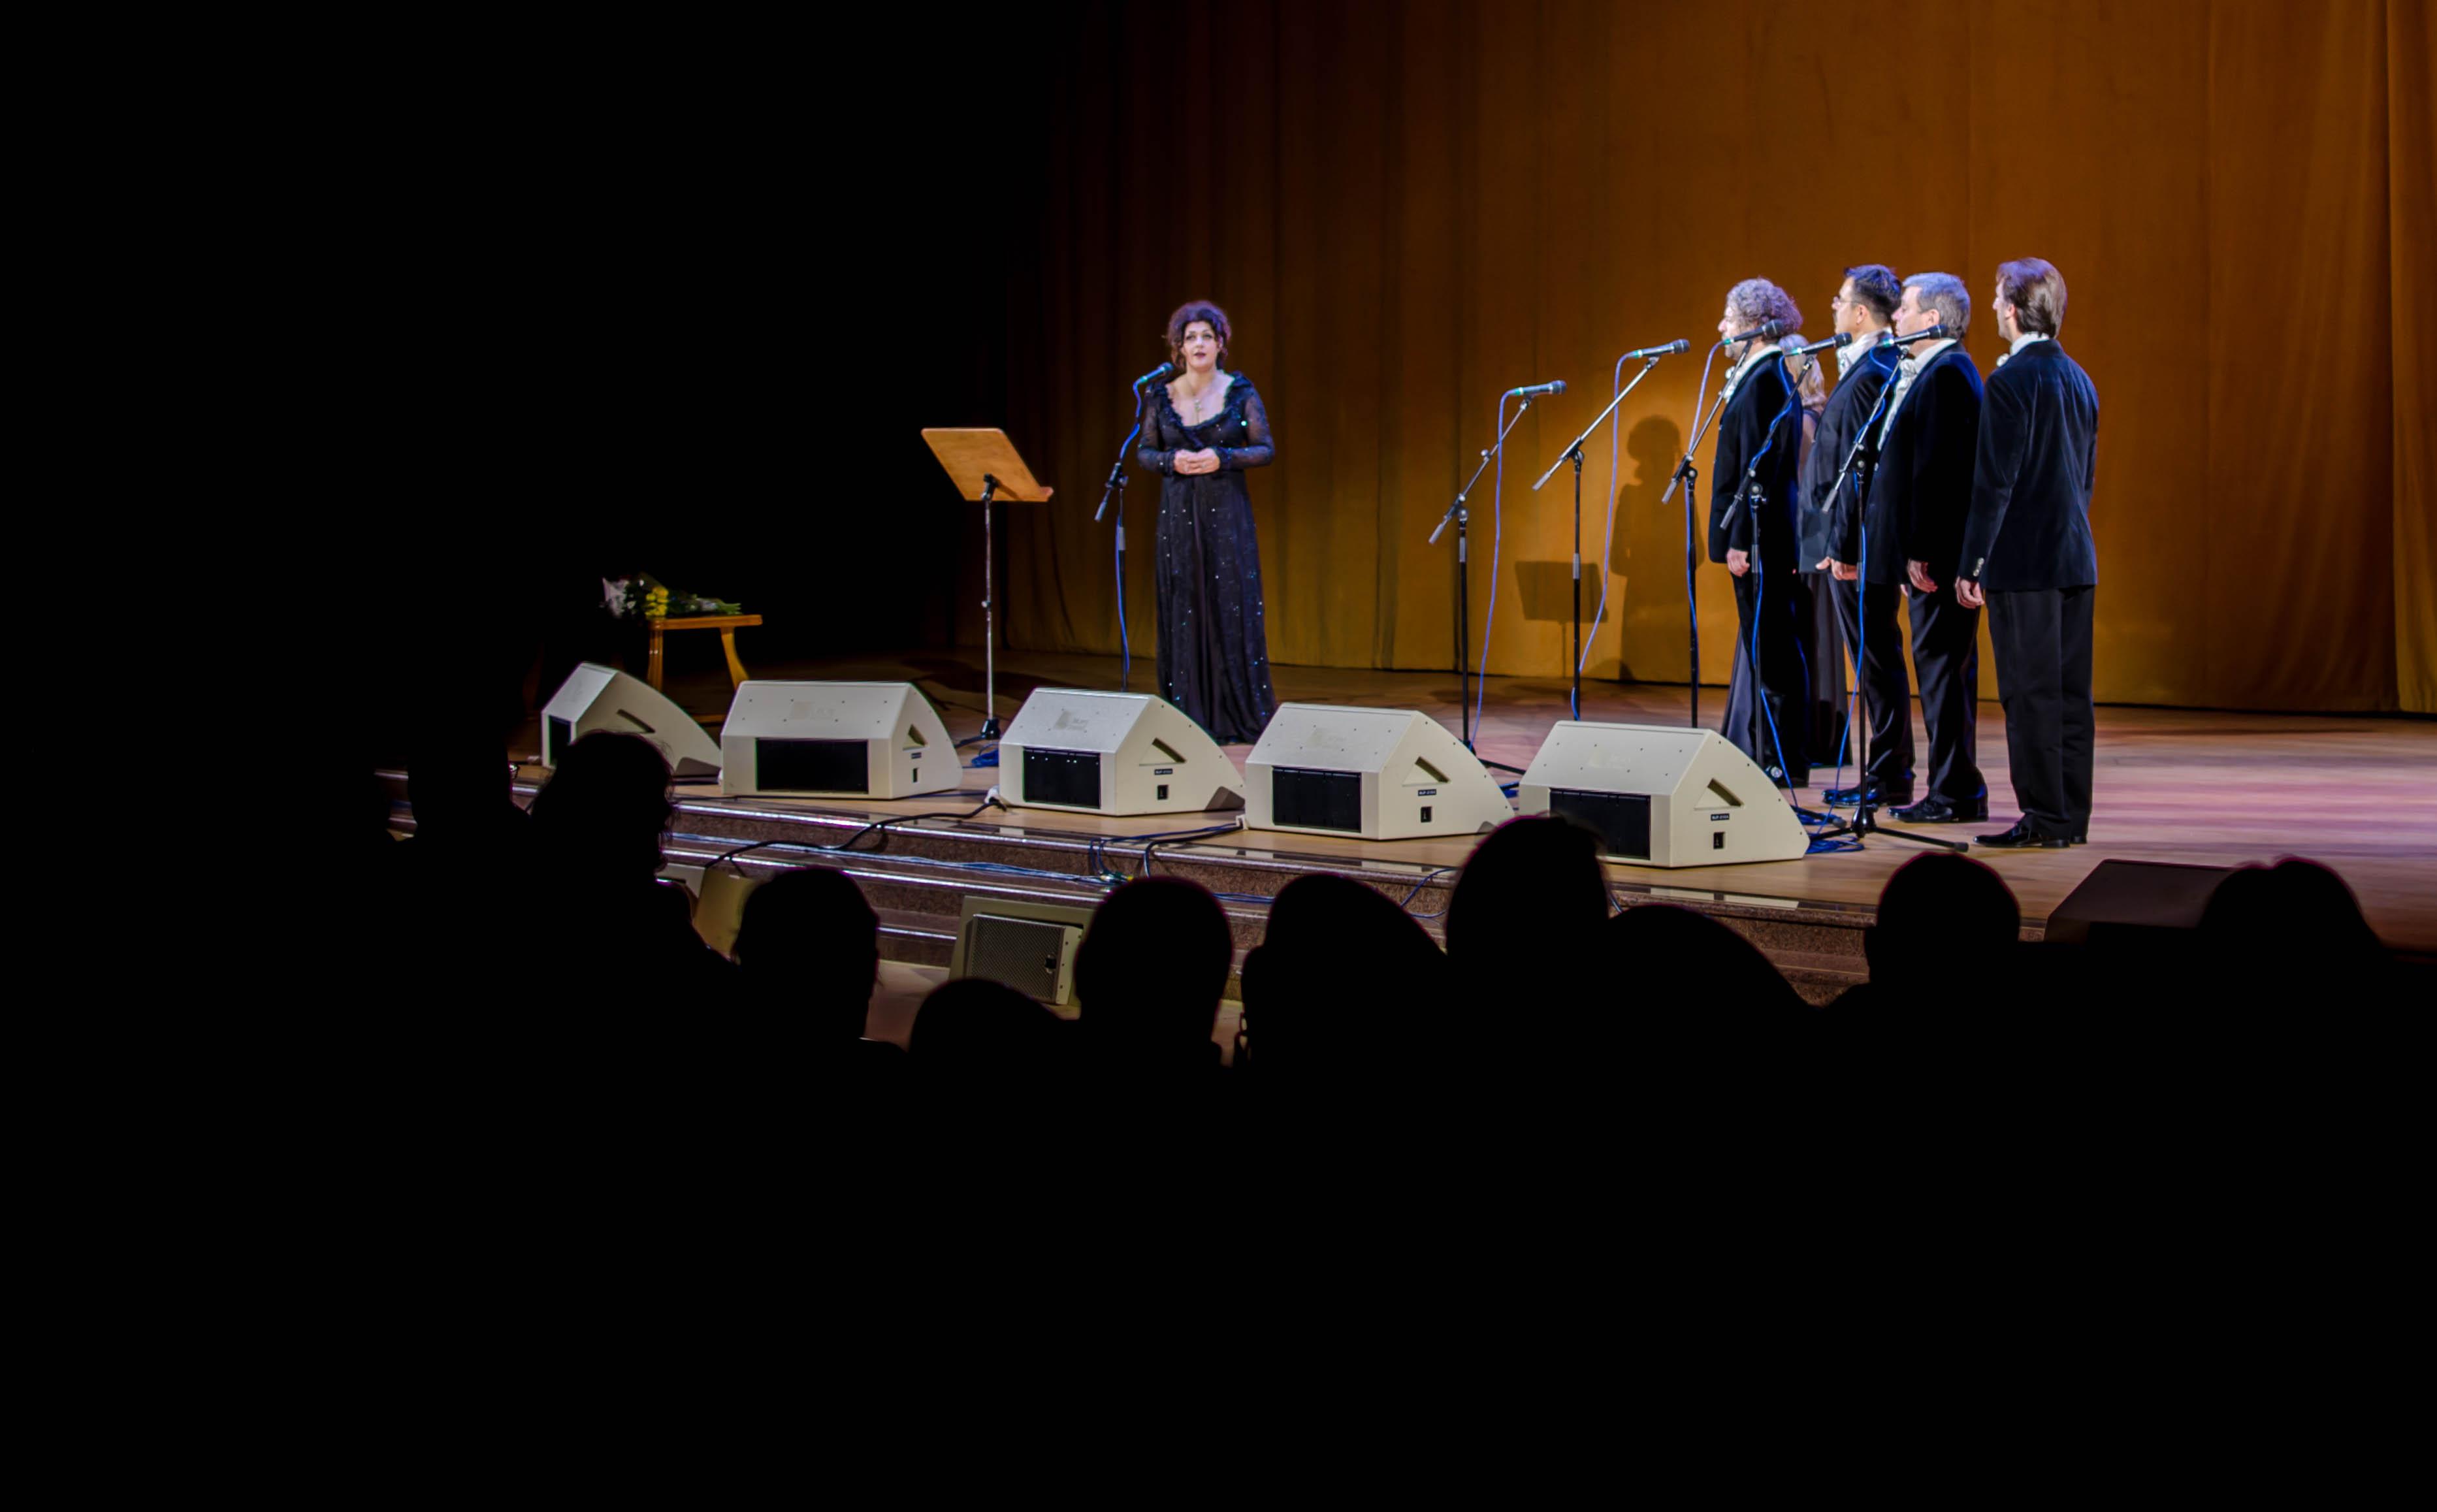 В Москве прошел концерт сербской исполнительницы Дивны Любоевич